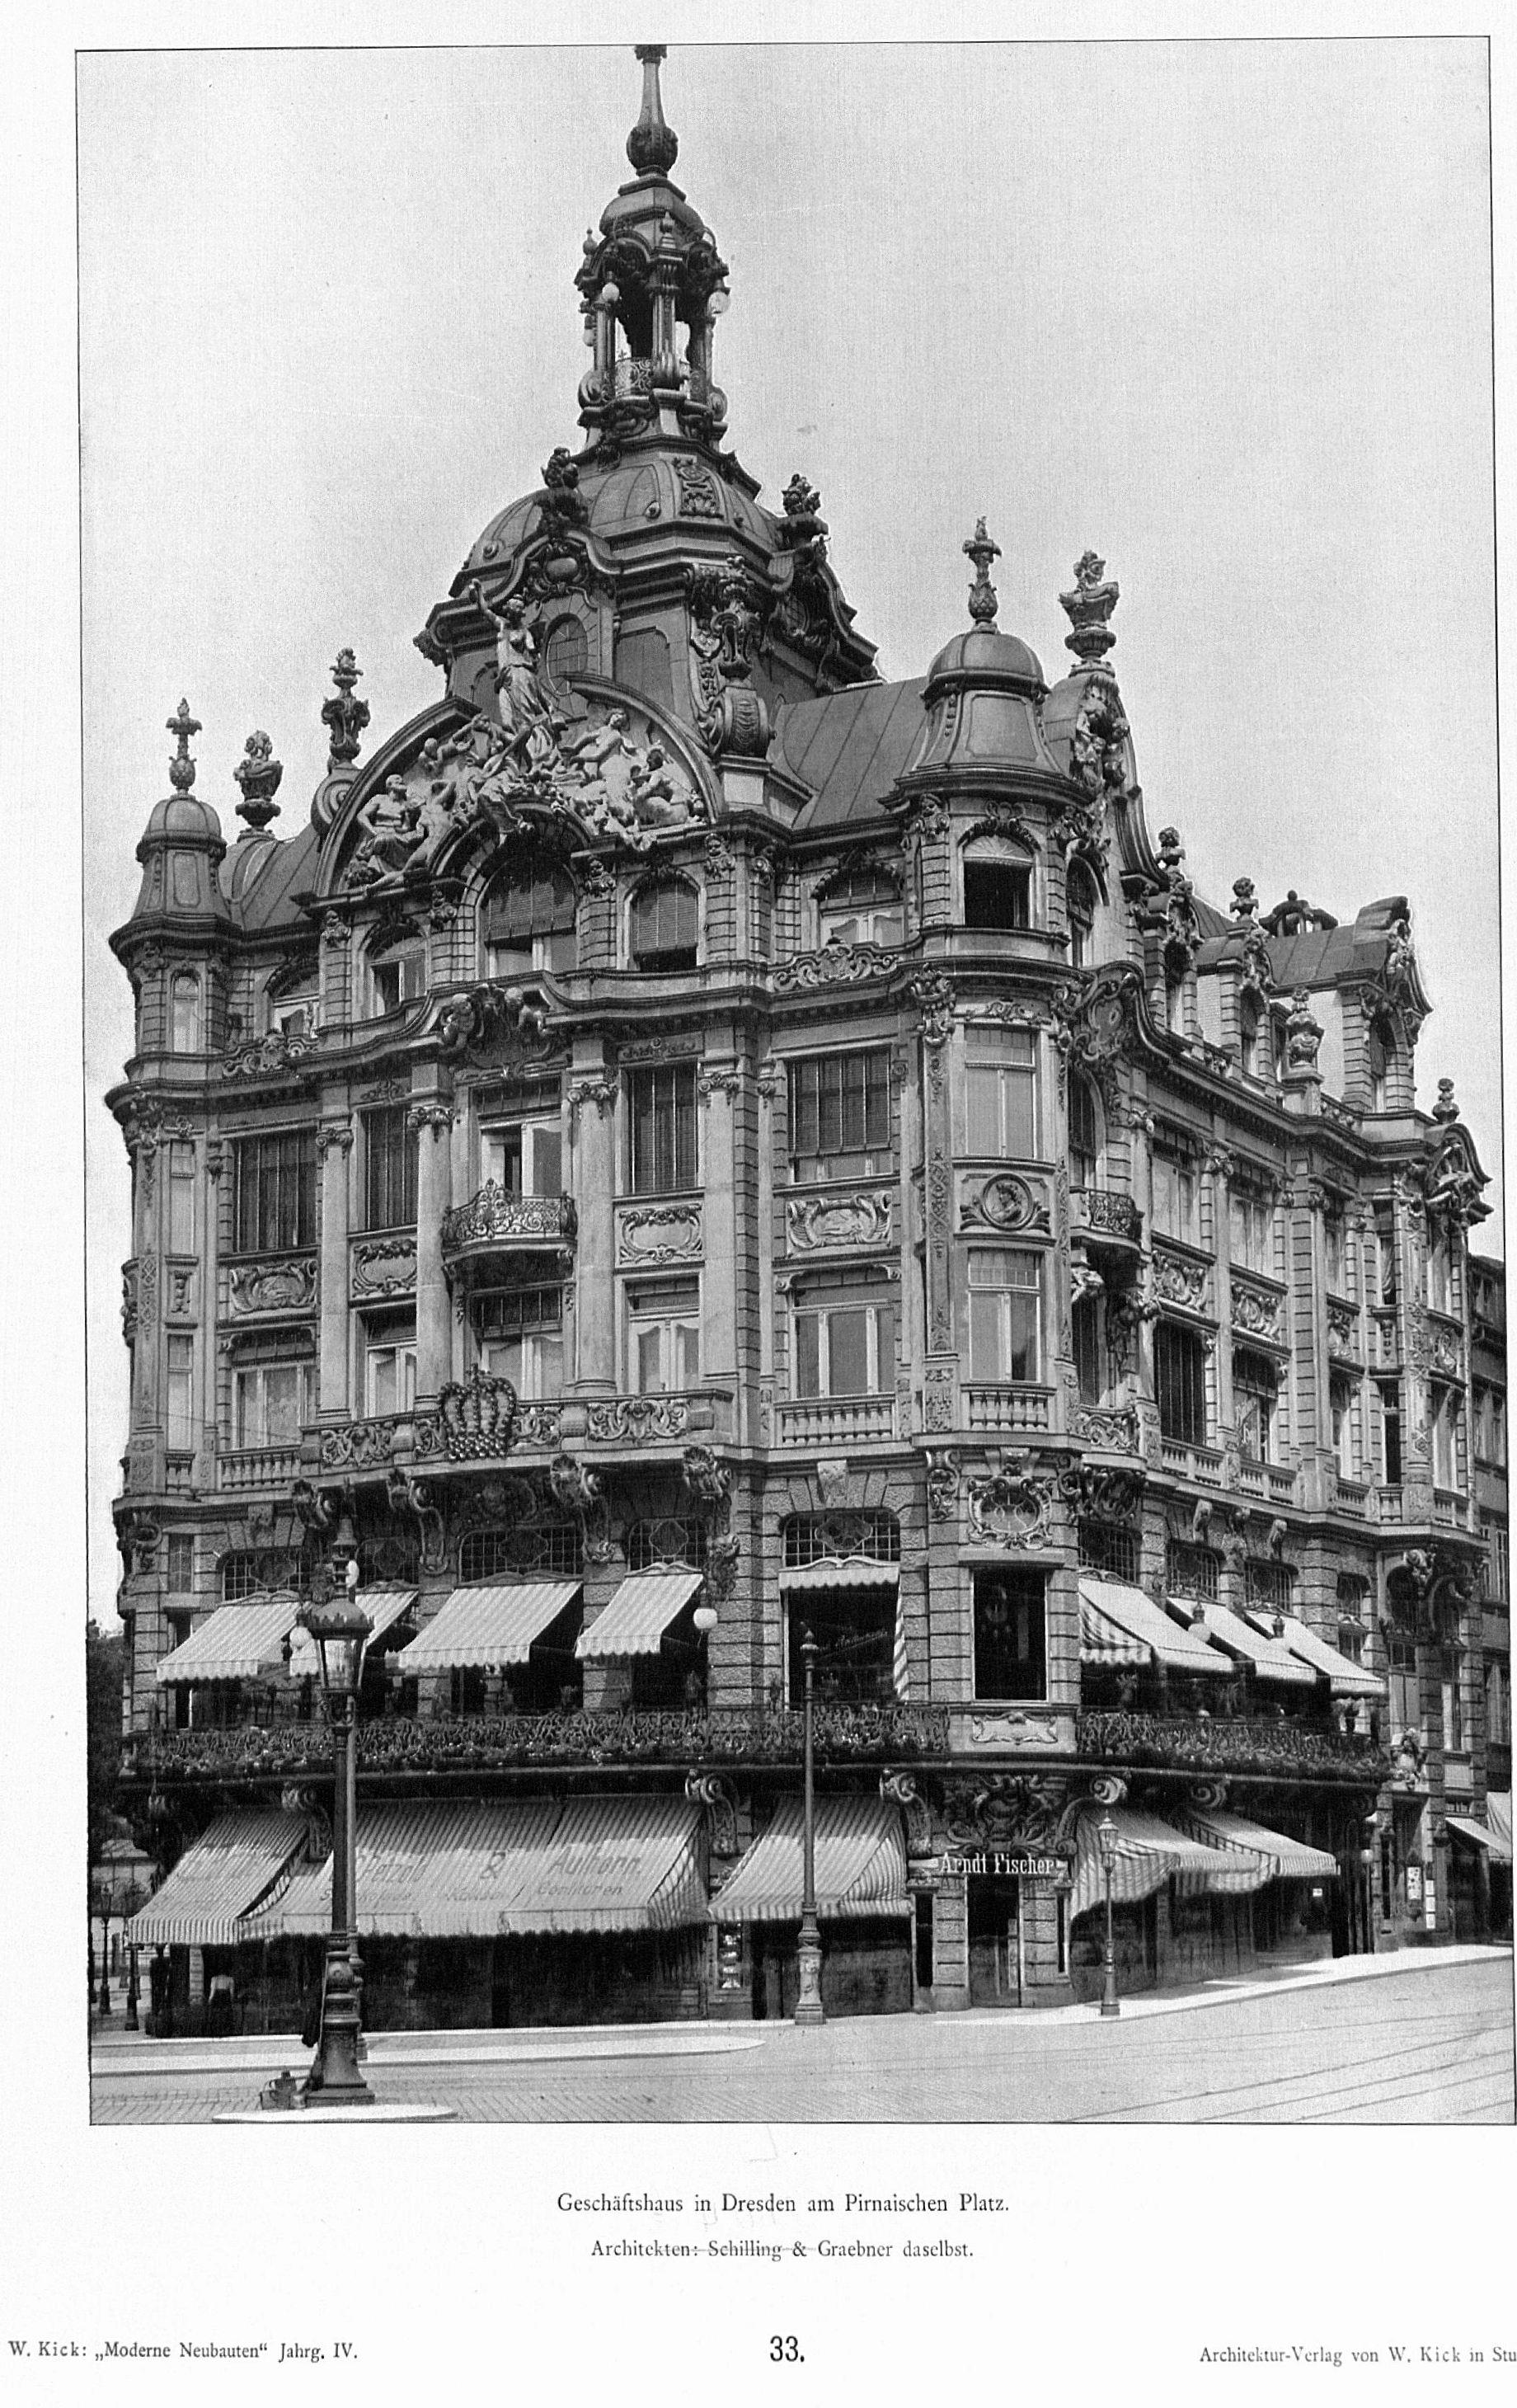 Architekten Dresden file kaiserpalast dresden architekten schilling graebner dresden